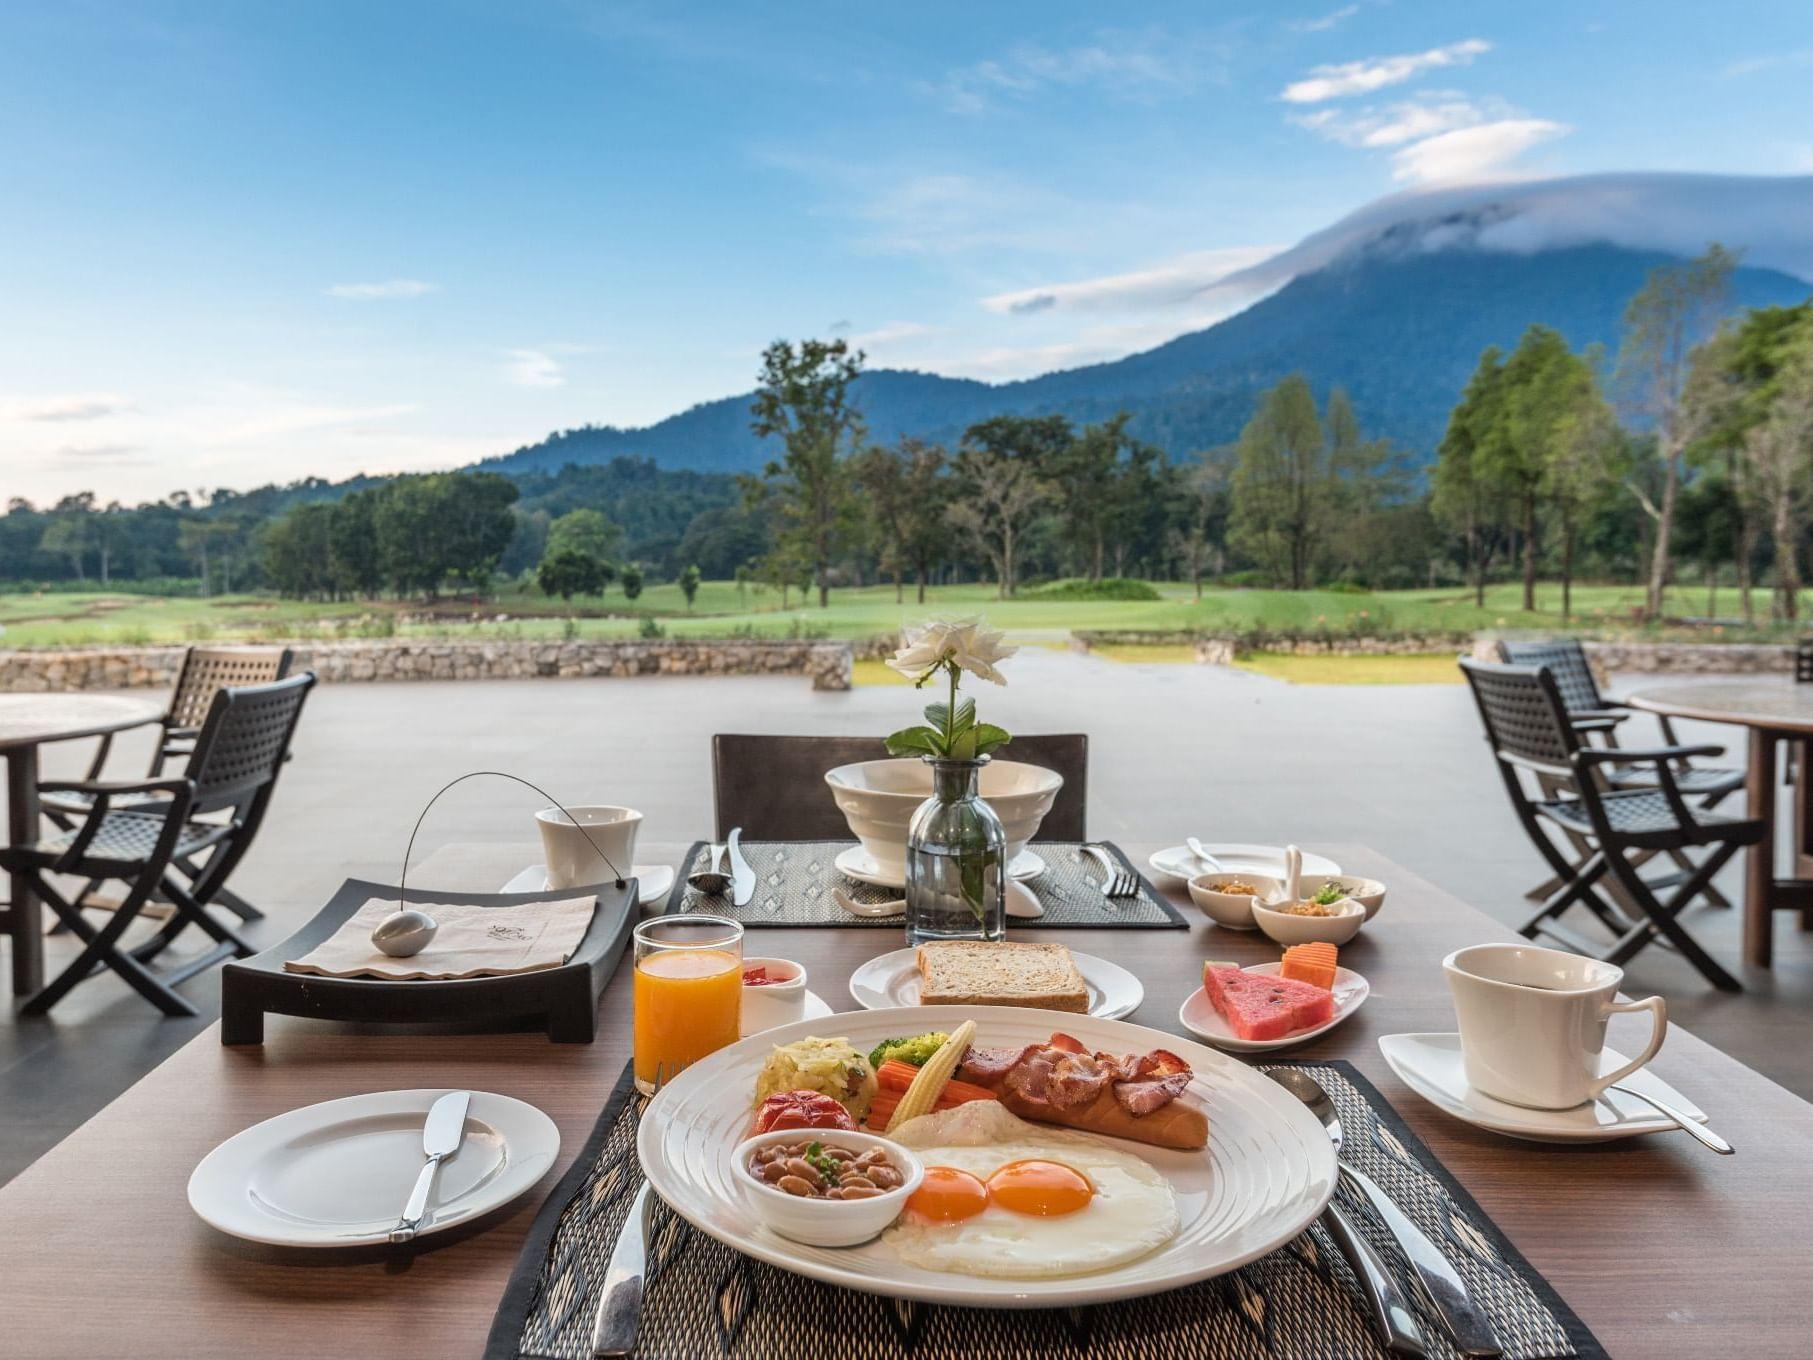 Breakfast served in Chatrium Golf Resort at Soi Dao Chanthaburi